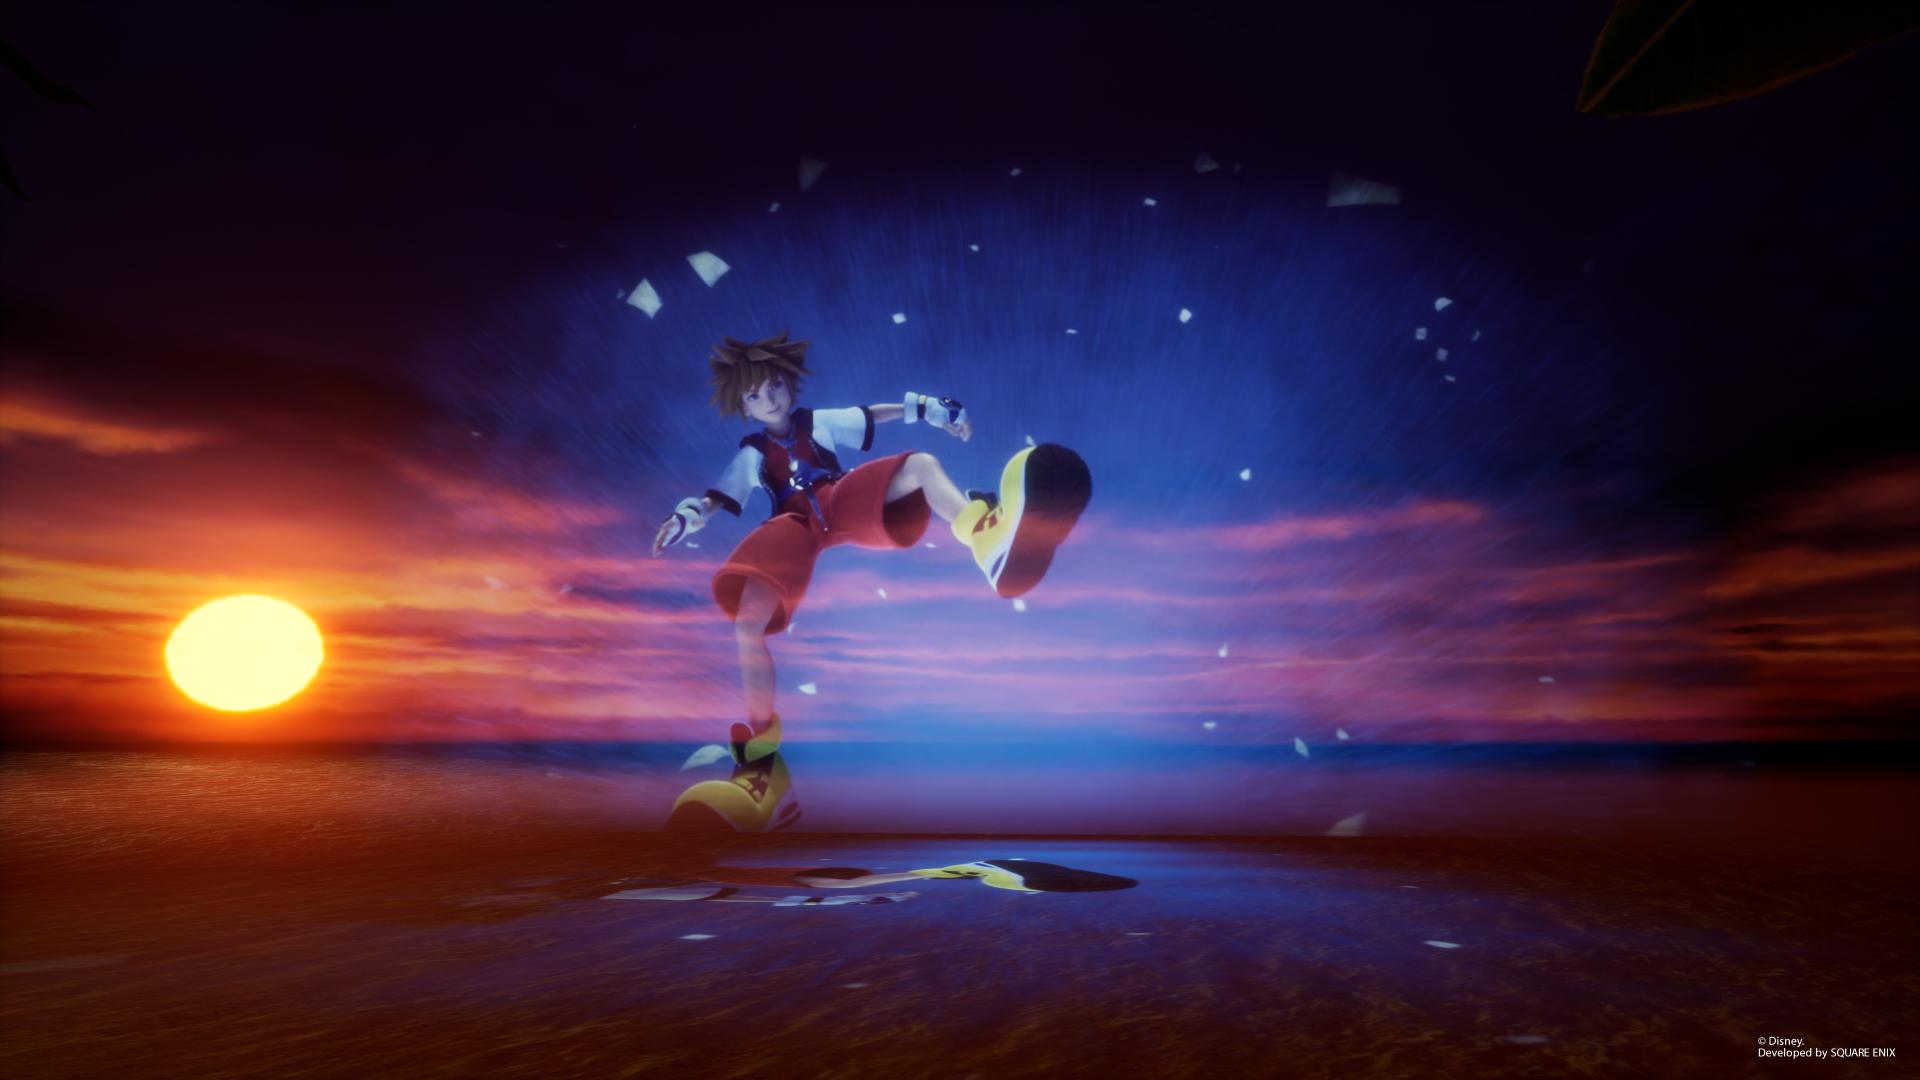 1920x1080 Kingdom Hearts 1080p Laptop Full Hd Wallpaper Hd Games